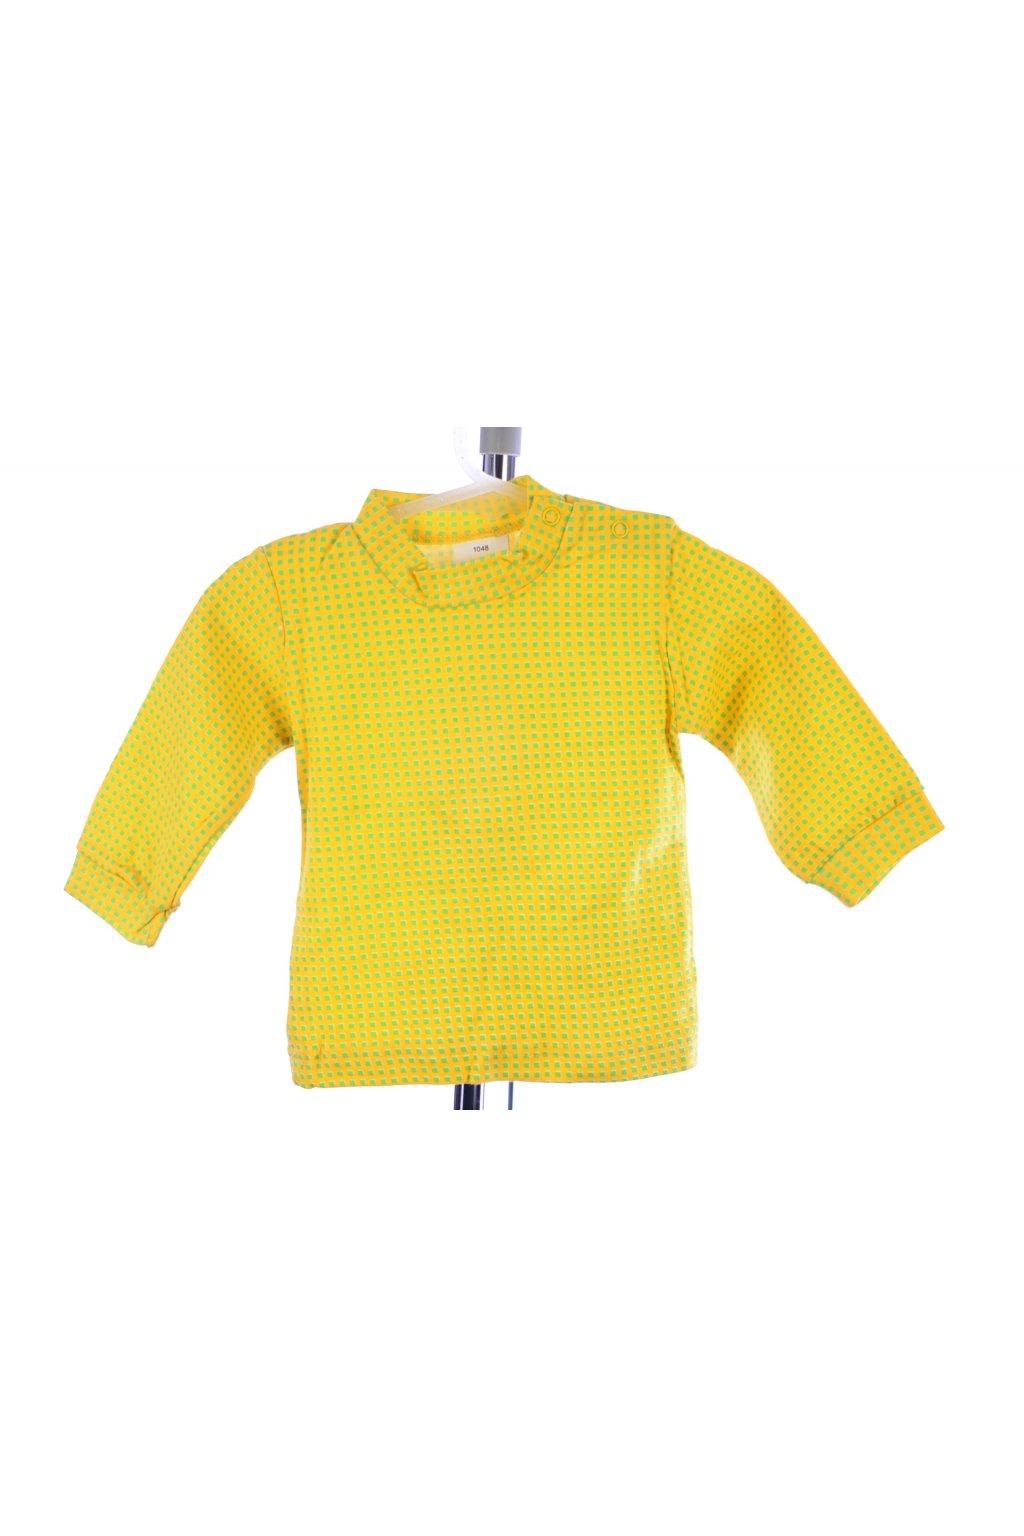 Tričko Sauer žluté vel 62